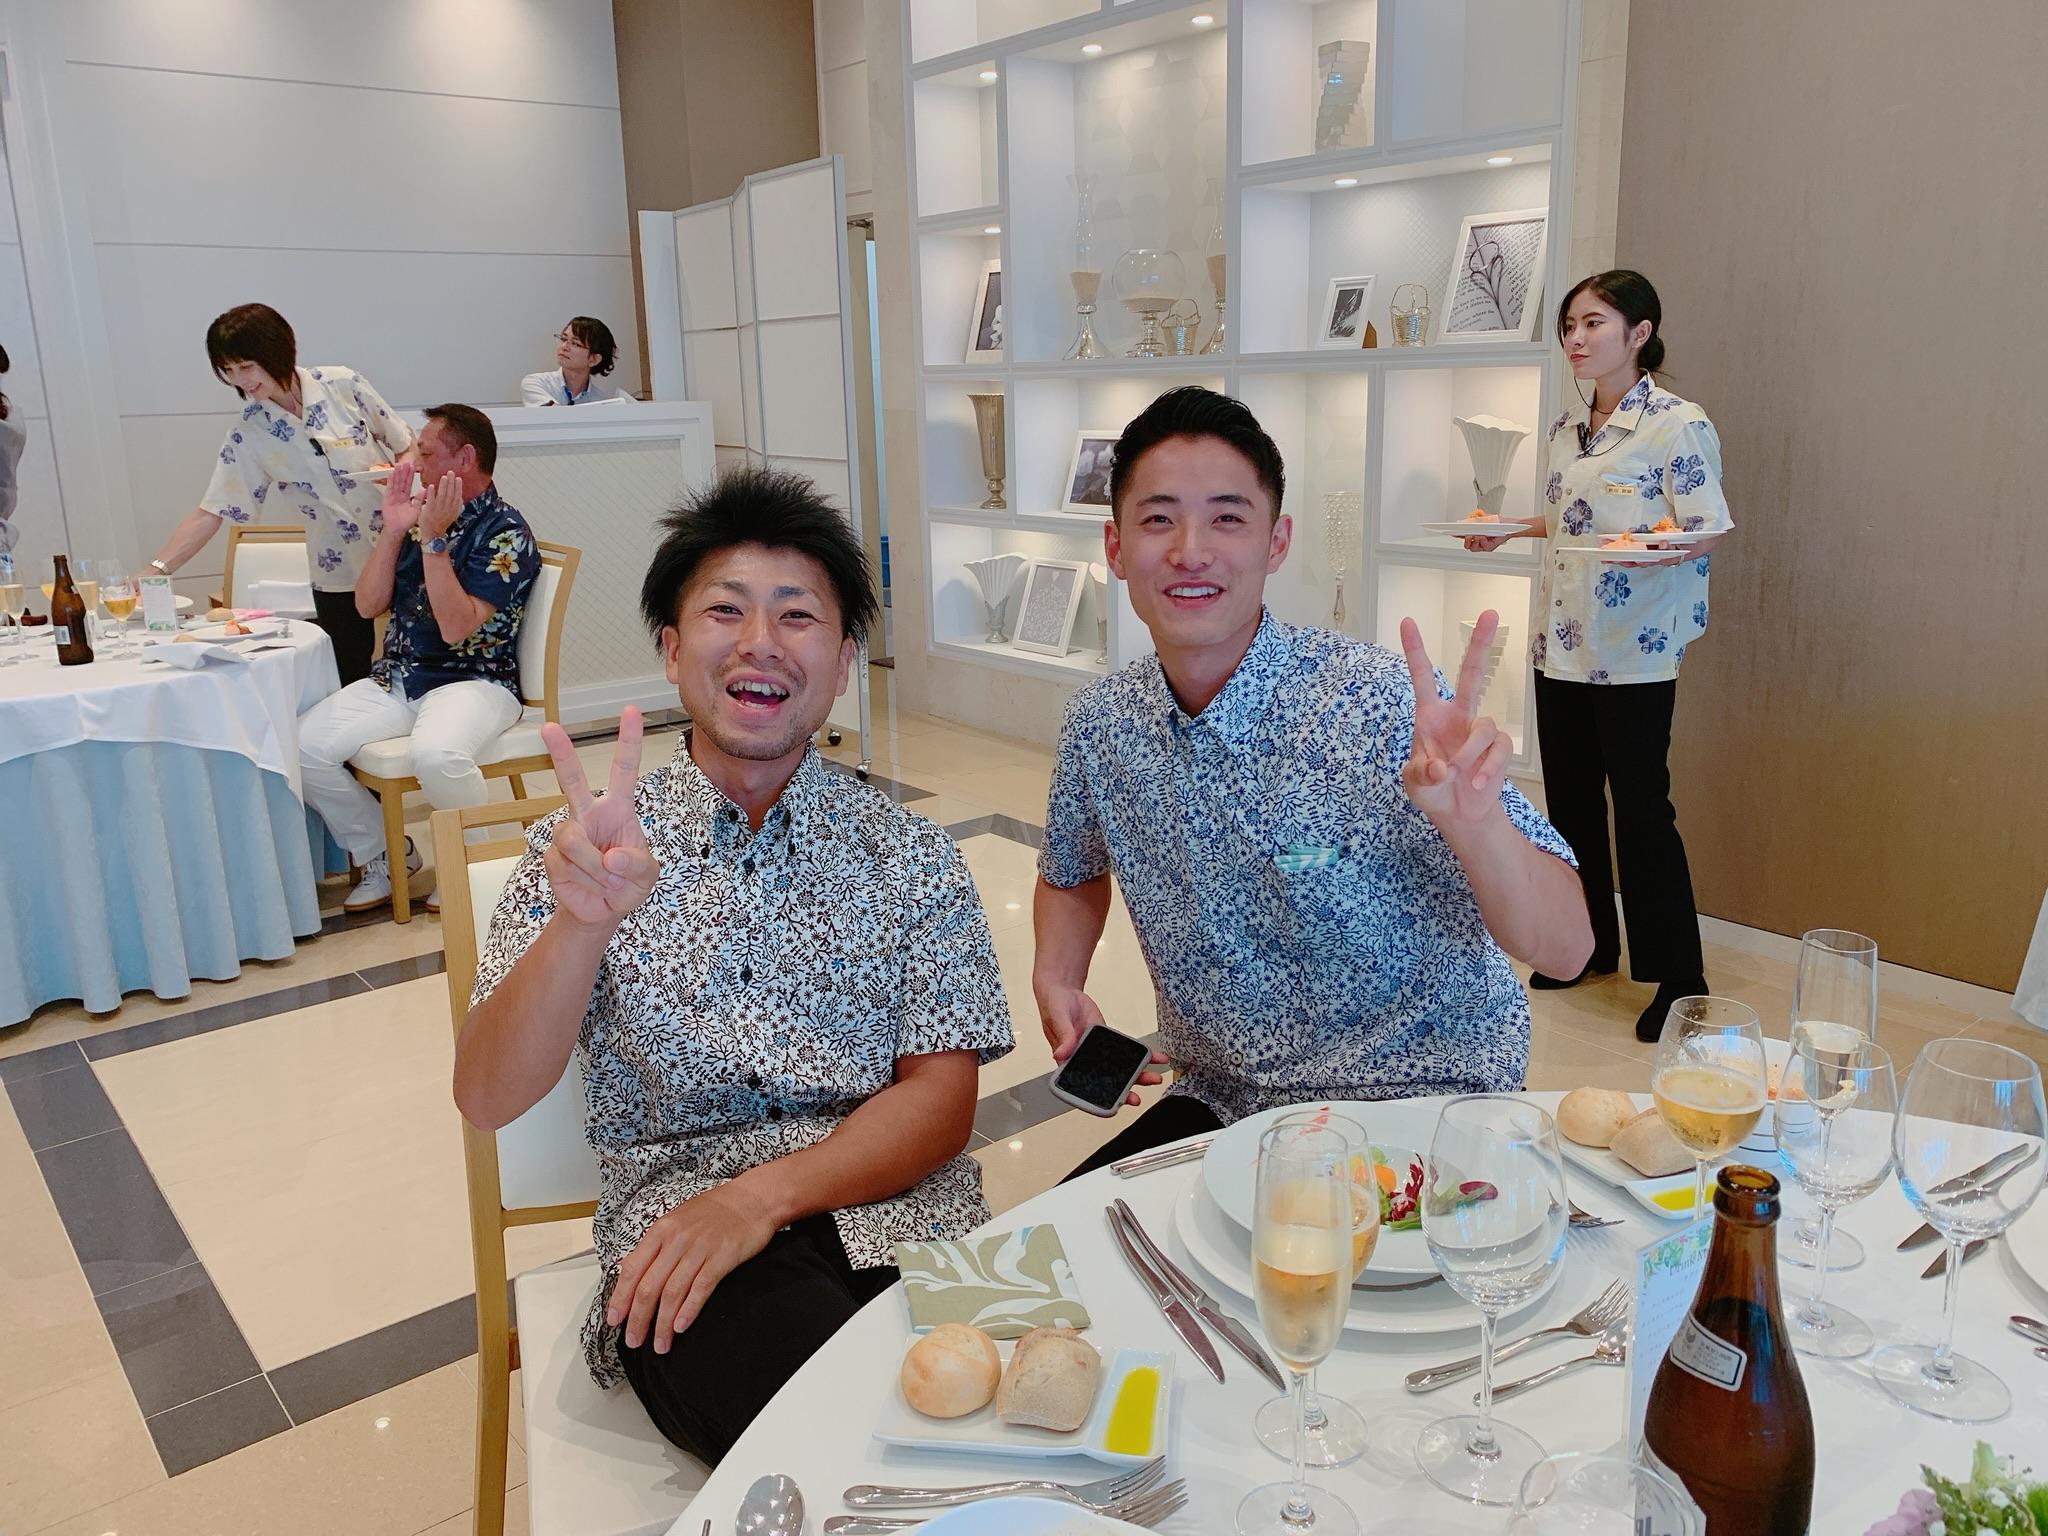 かりゆしウェディング フォトライブラリー 065 愛知県 おが様